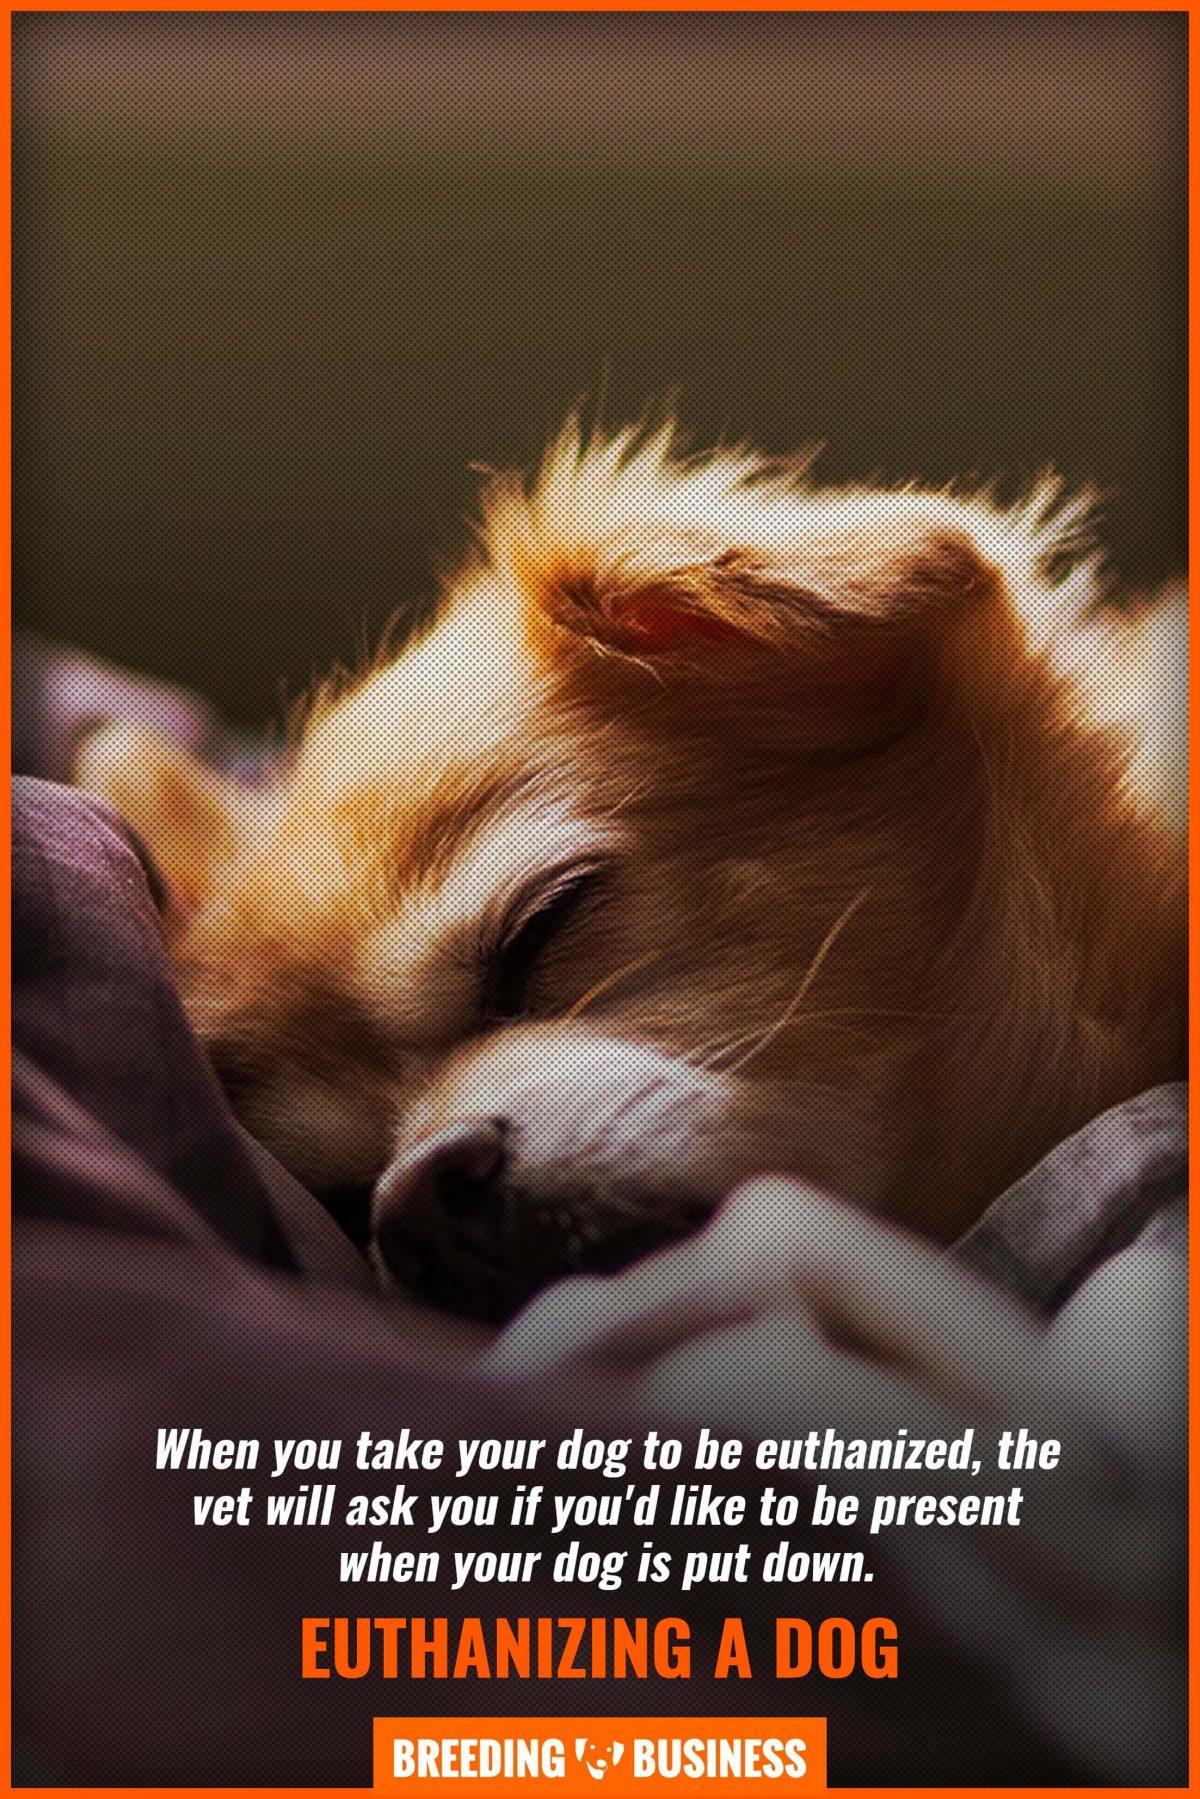 euthanizing a dog